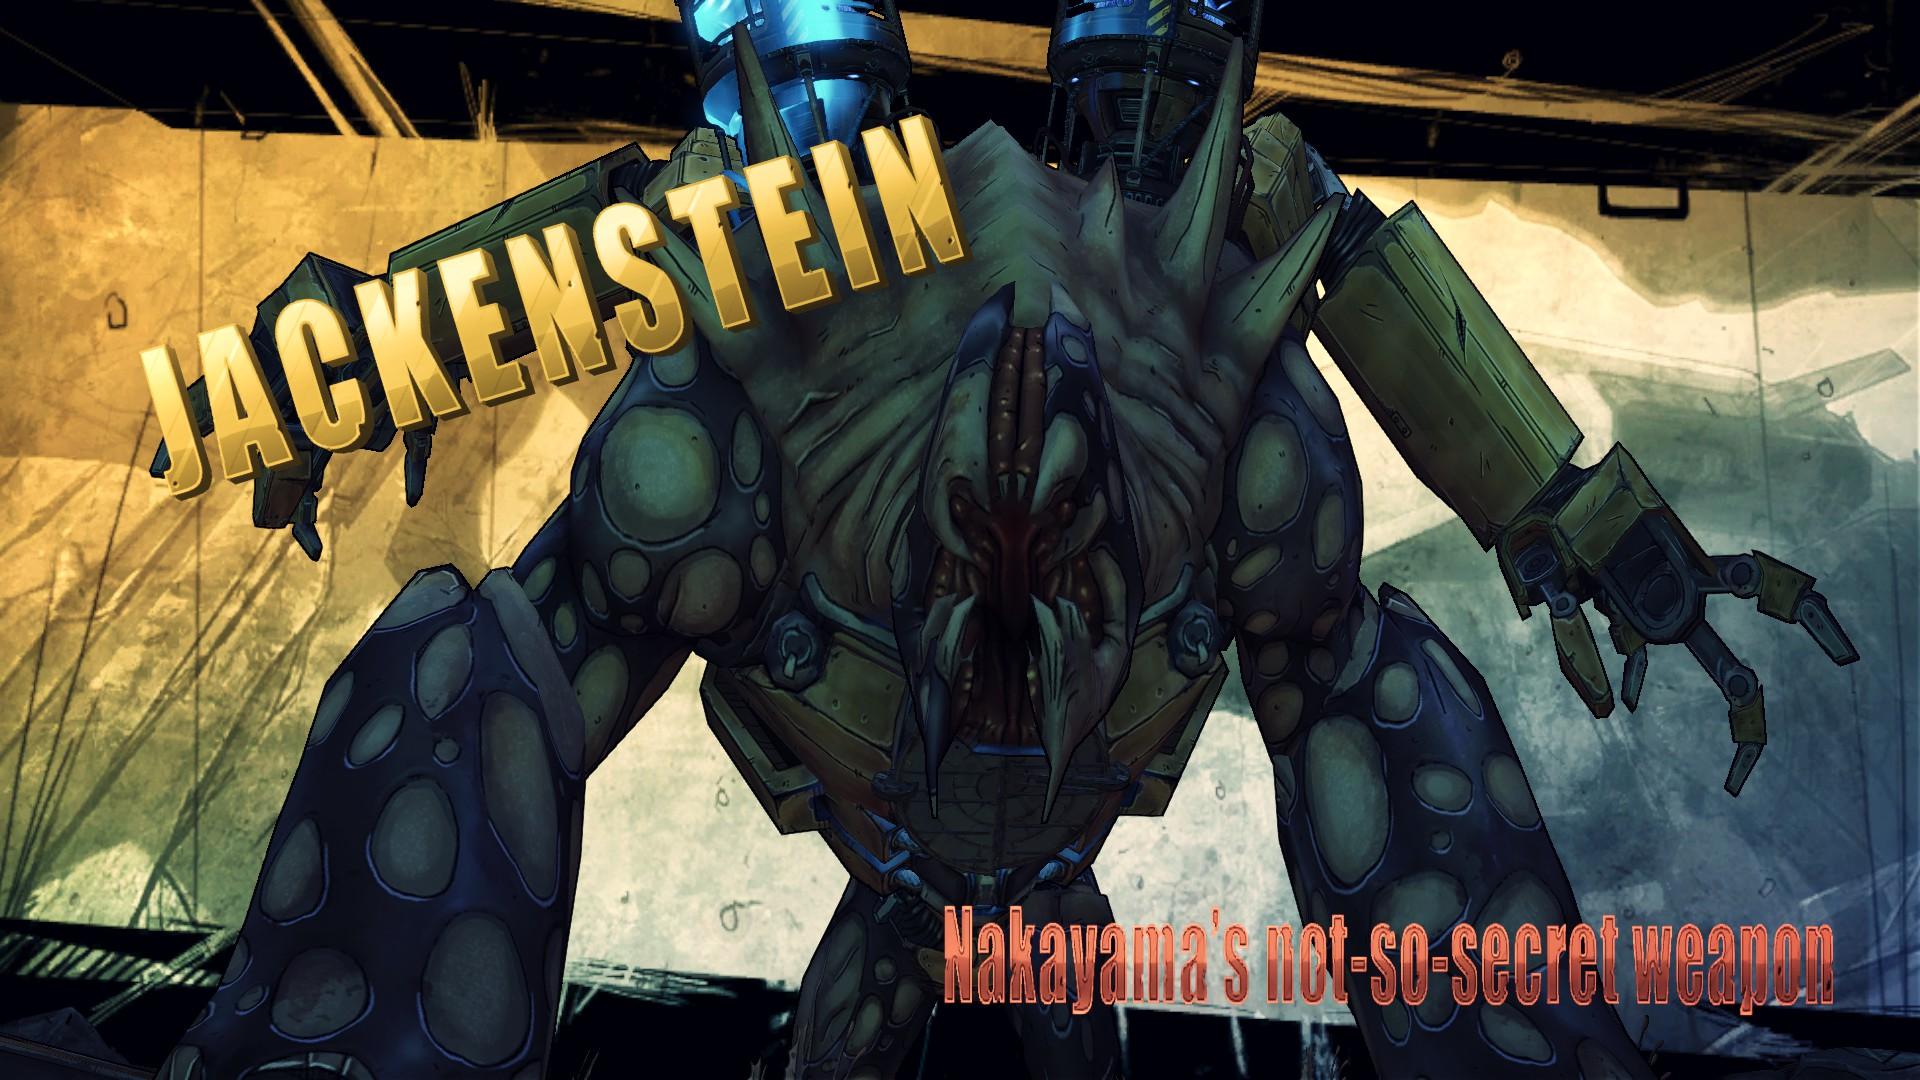 Jackenstein